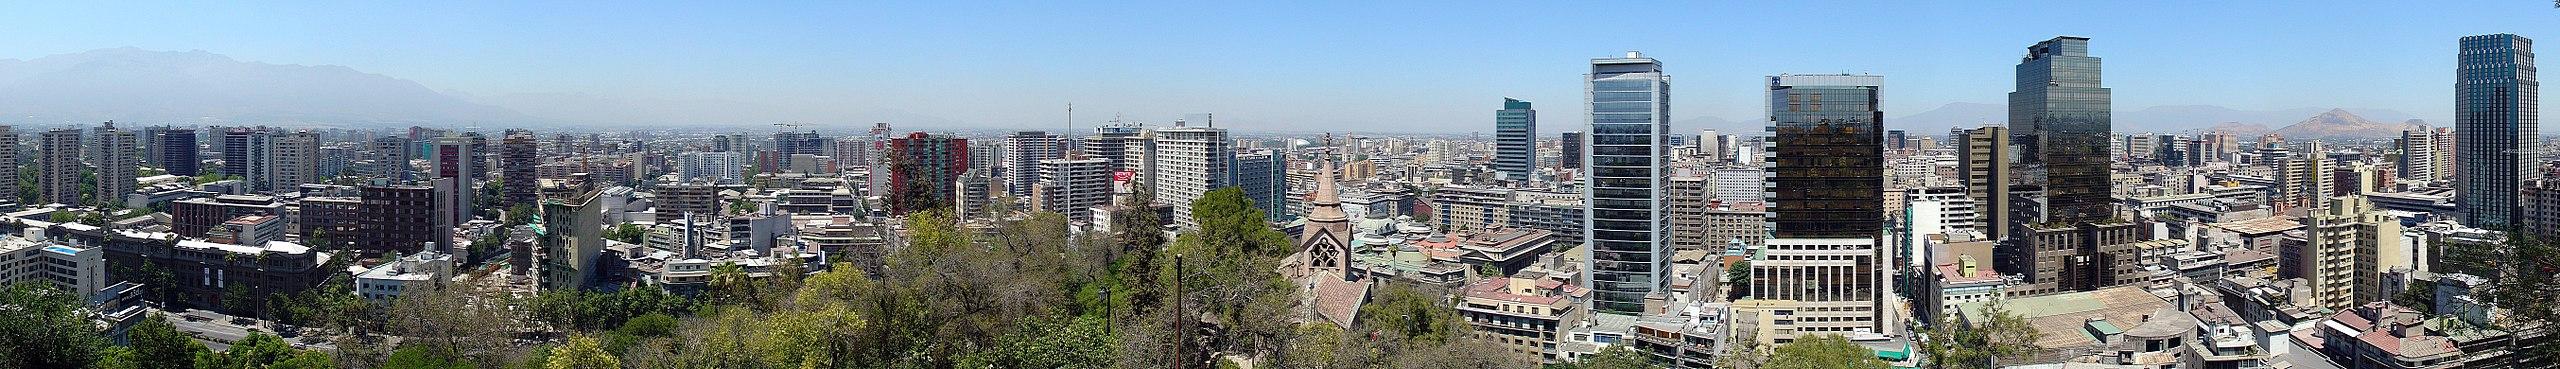 Santiago de chile travel guide at wikivoyage for Construccion de piscinas santiago chile